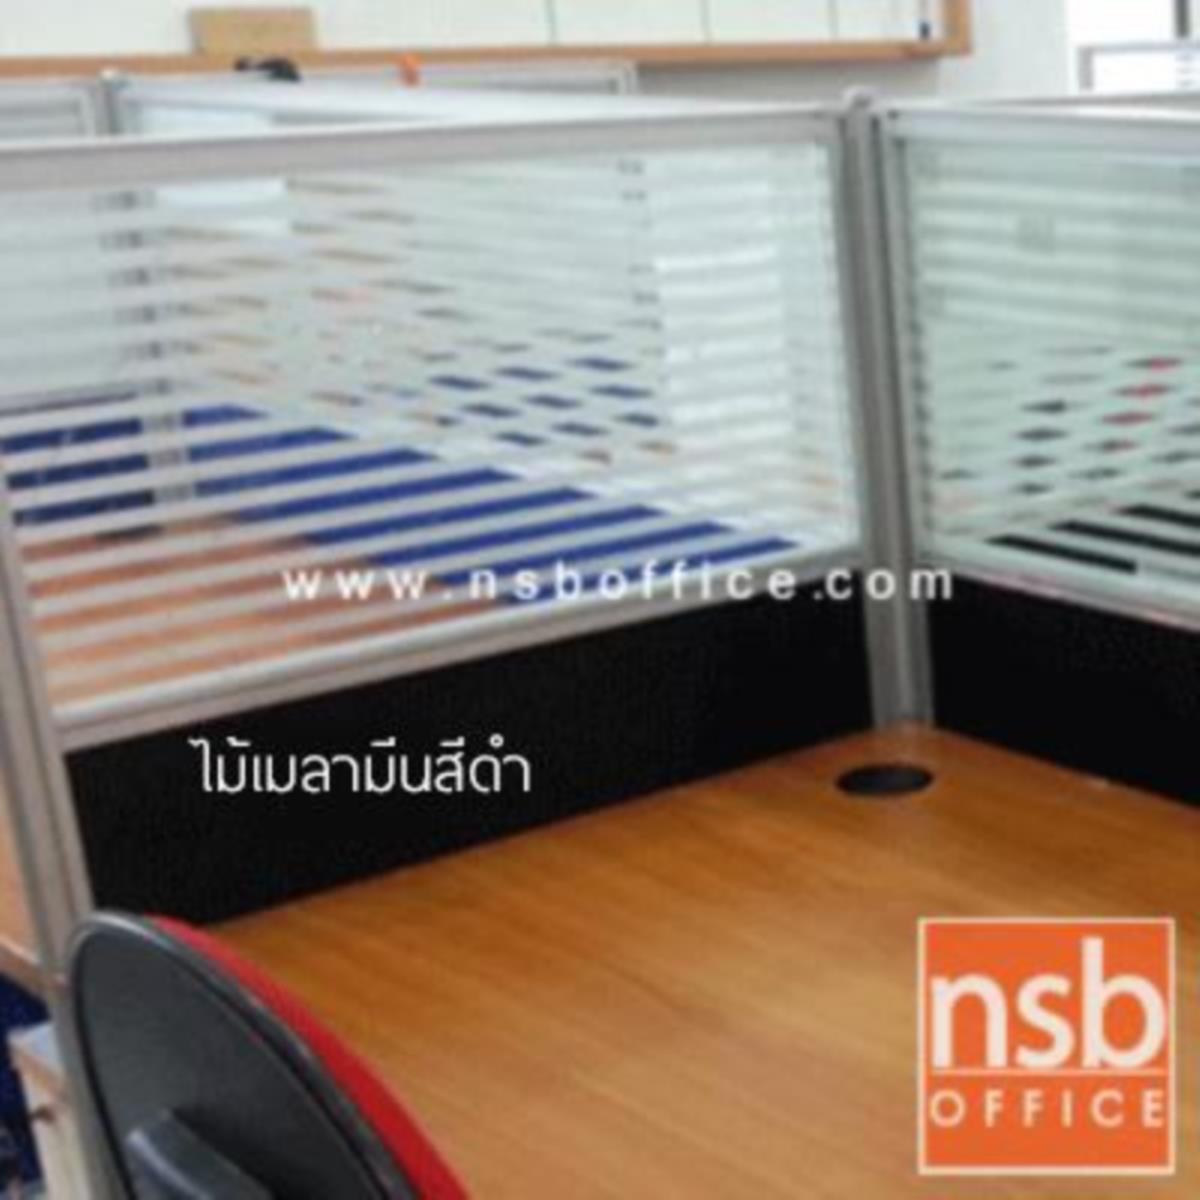 ชุดโต๊ะทำงานกลุ่ม 7 ที่นั่ง   ขนาดรวม 428W*124.6D cm. พร้อมพาร์ทิชั่นครึ่งกระจกขัดลาย